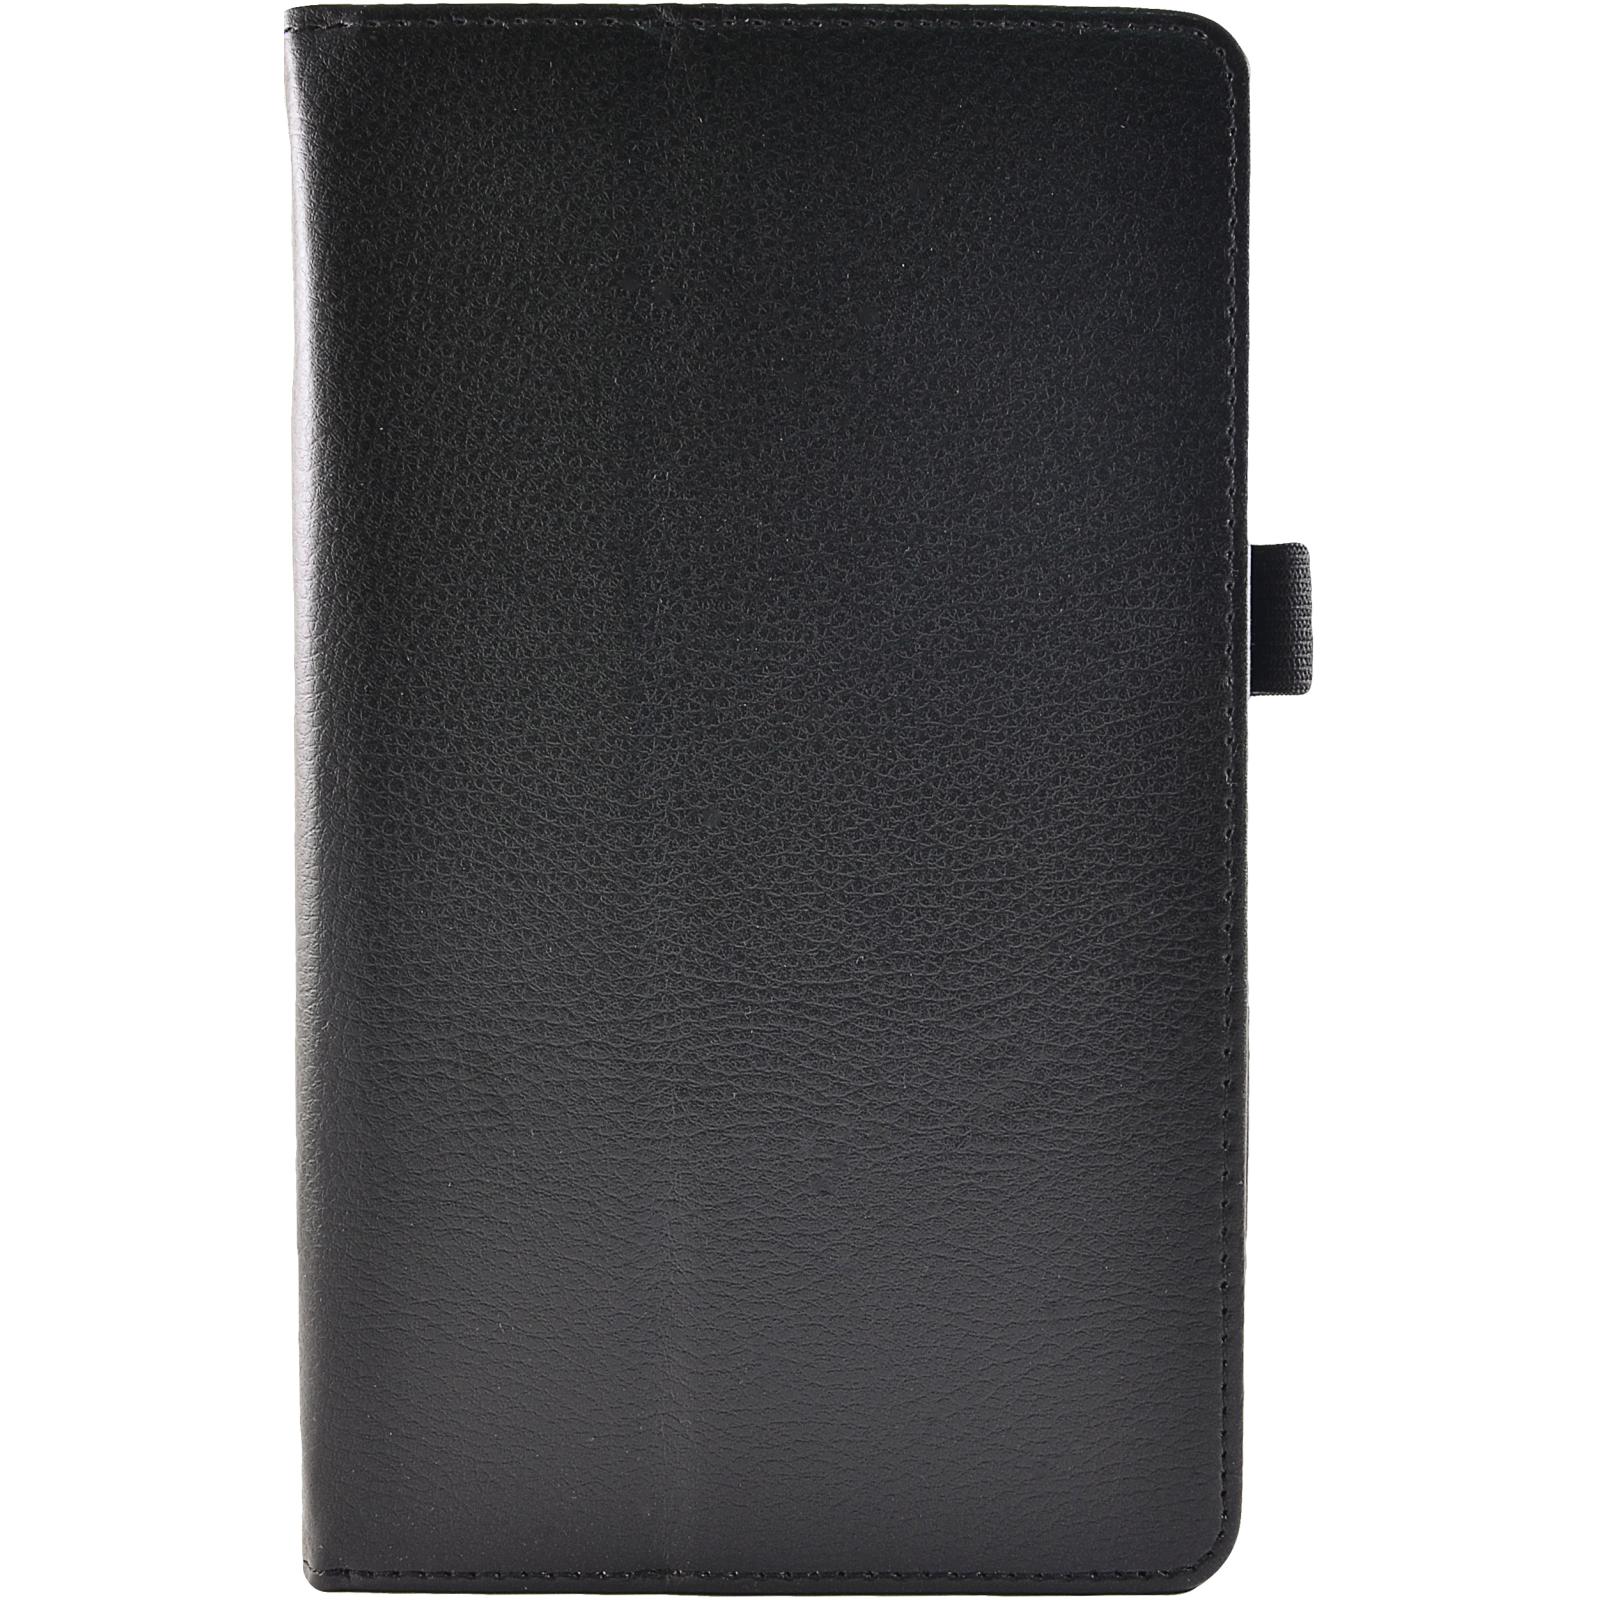 Чехол для планшета Pro-case Google Asus Nexus 7 new (Nexus 7new)